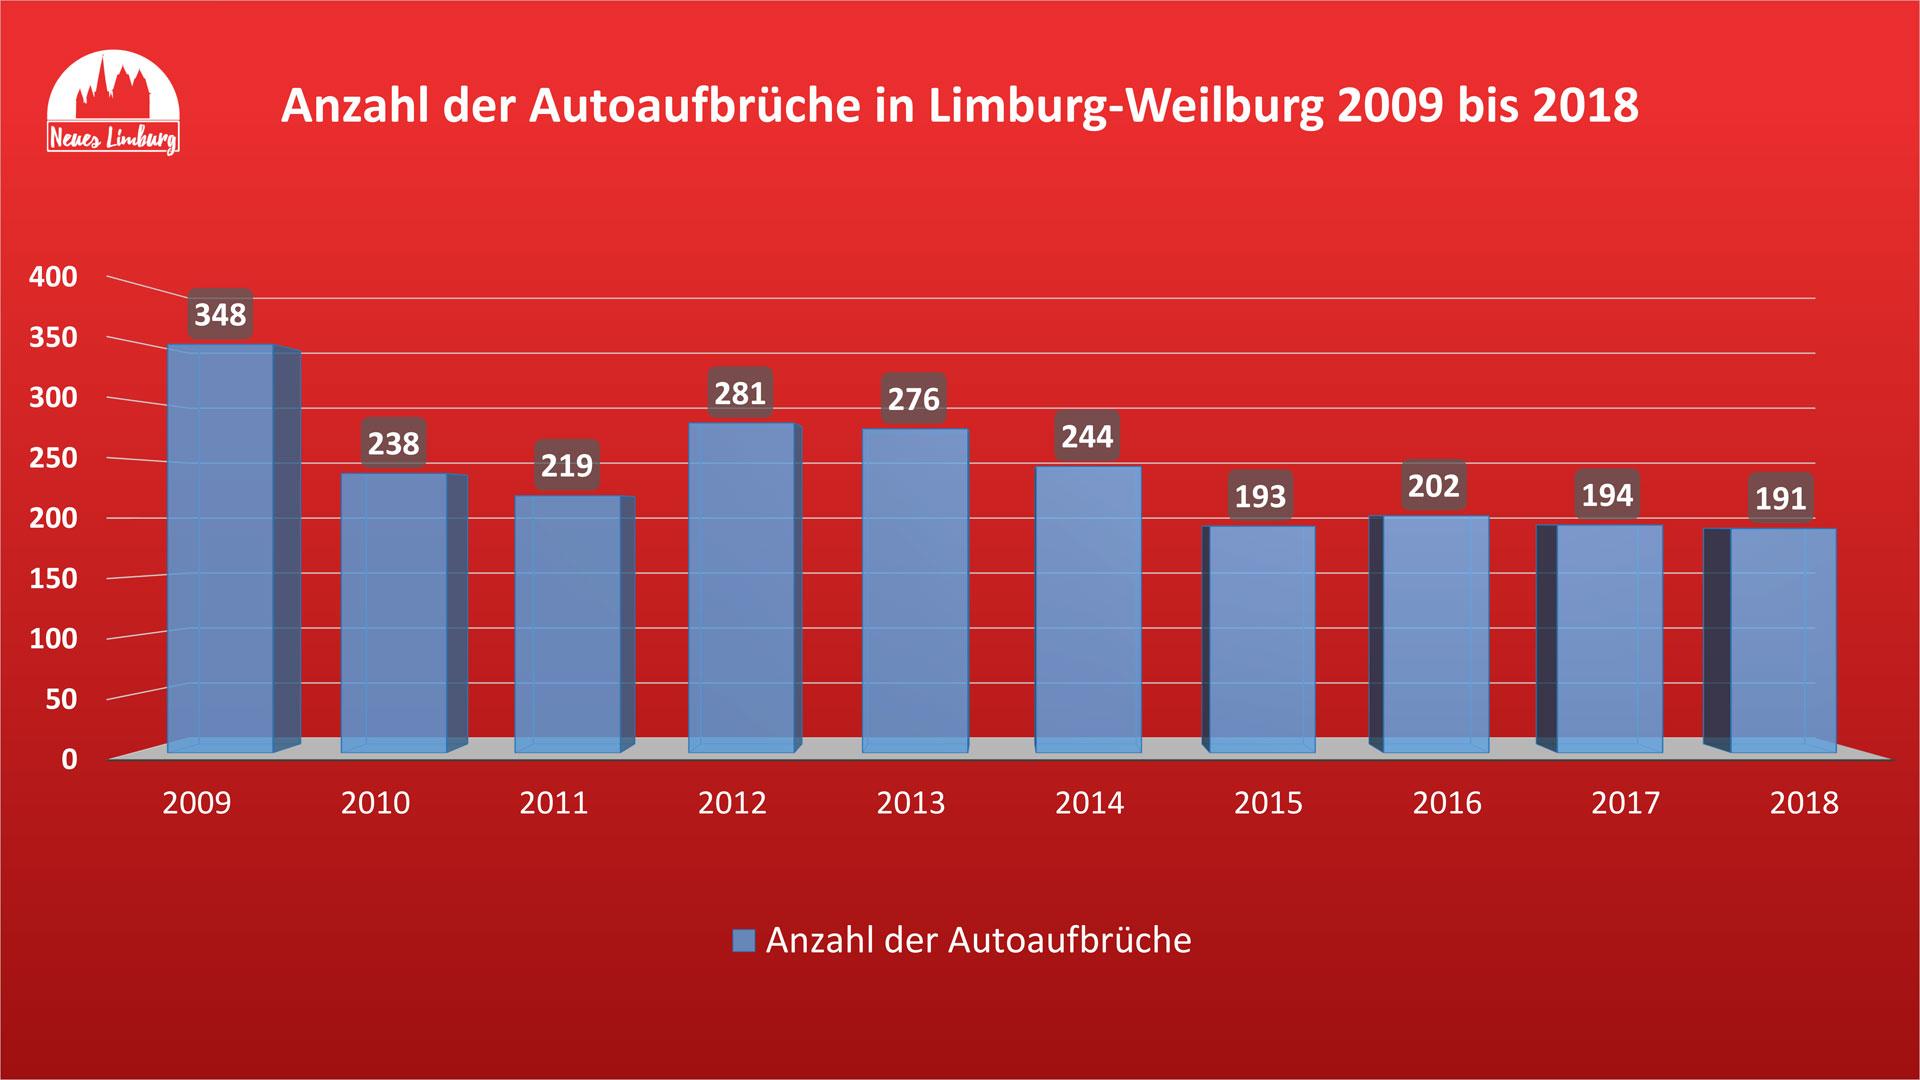 Anzahl der Autoaufbrüche in Limburg-Weilburg 2009 bis 2018. © Neues Limburg